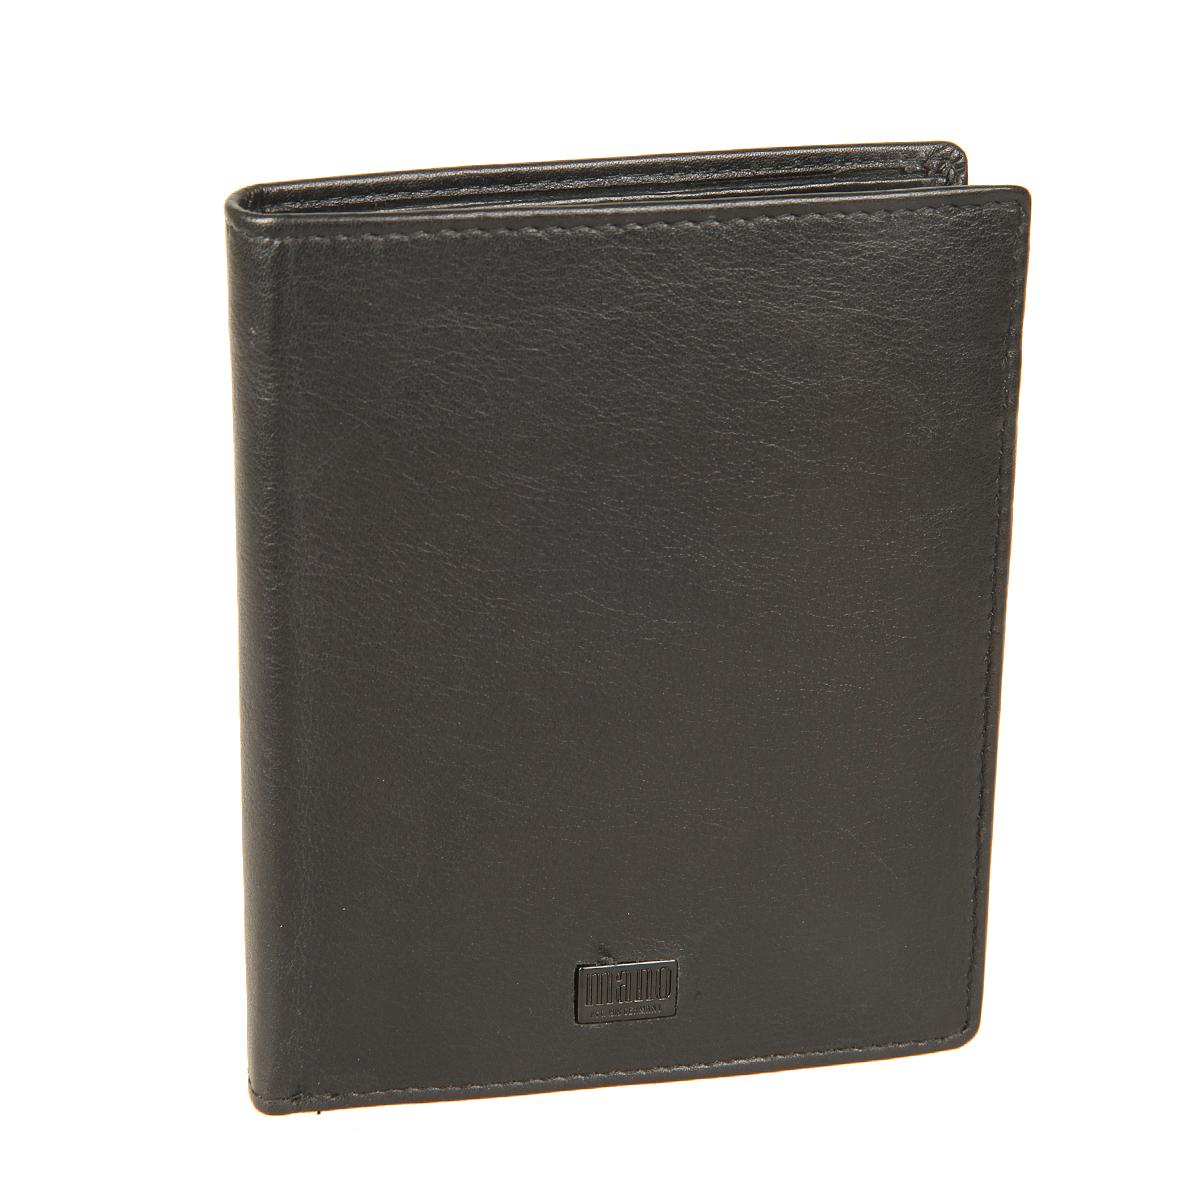 Портмоне мужское Mano, цвет: черный. 1910819108 tabula blackСтильное мужское портмоне Mano выполнен из натуральной кожи, оформлено не большой металлической пластинкой с логотипом бренда. Внутри - два отделения для купюр, карман для мелочи с клапаном на кнопке, три потайных кармашка, карман с сетчатой вставкой и десять отделений для пластиковых карт. Портмоне  Mano станет яркой деталью, которая выгодно подчеркнет ваш стильный неповторимый образ. Портмоне упаковано в фирменную коробку с логотипом бренда.